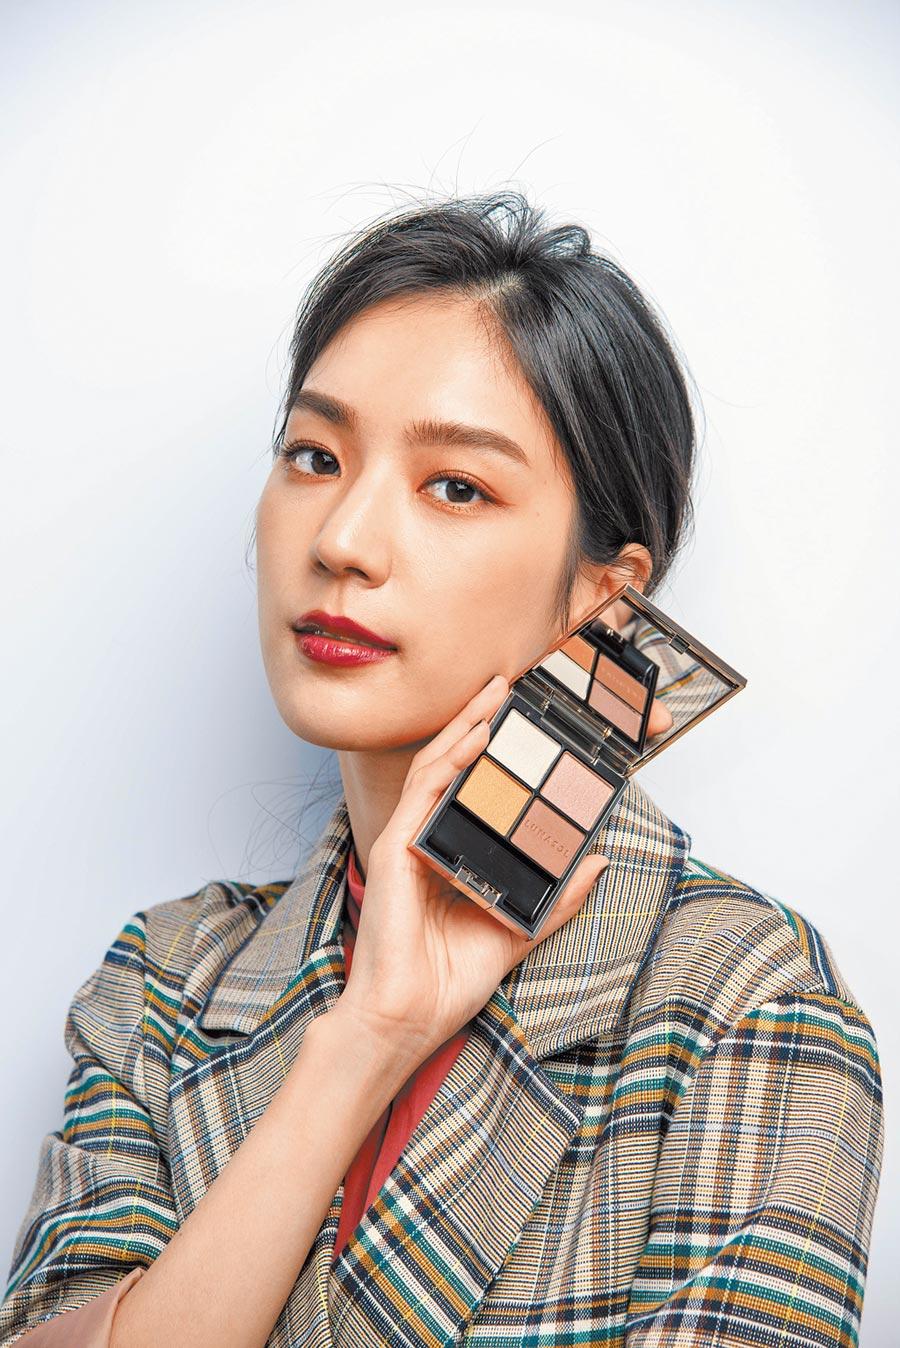 演員季念潔搭配LUNASOL 2020秋冬晶巧霓光眼彩盒,打造美麗妝容。(LUNASOL提供)